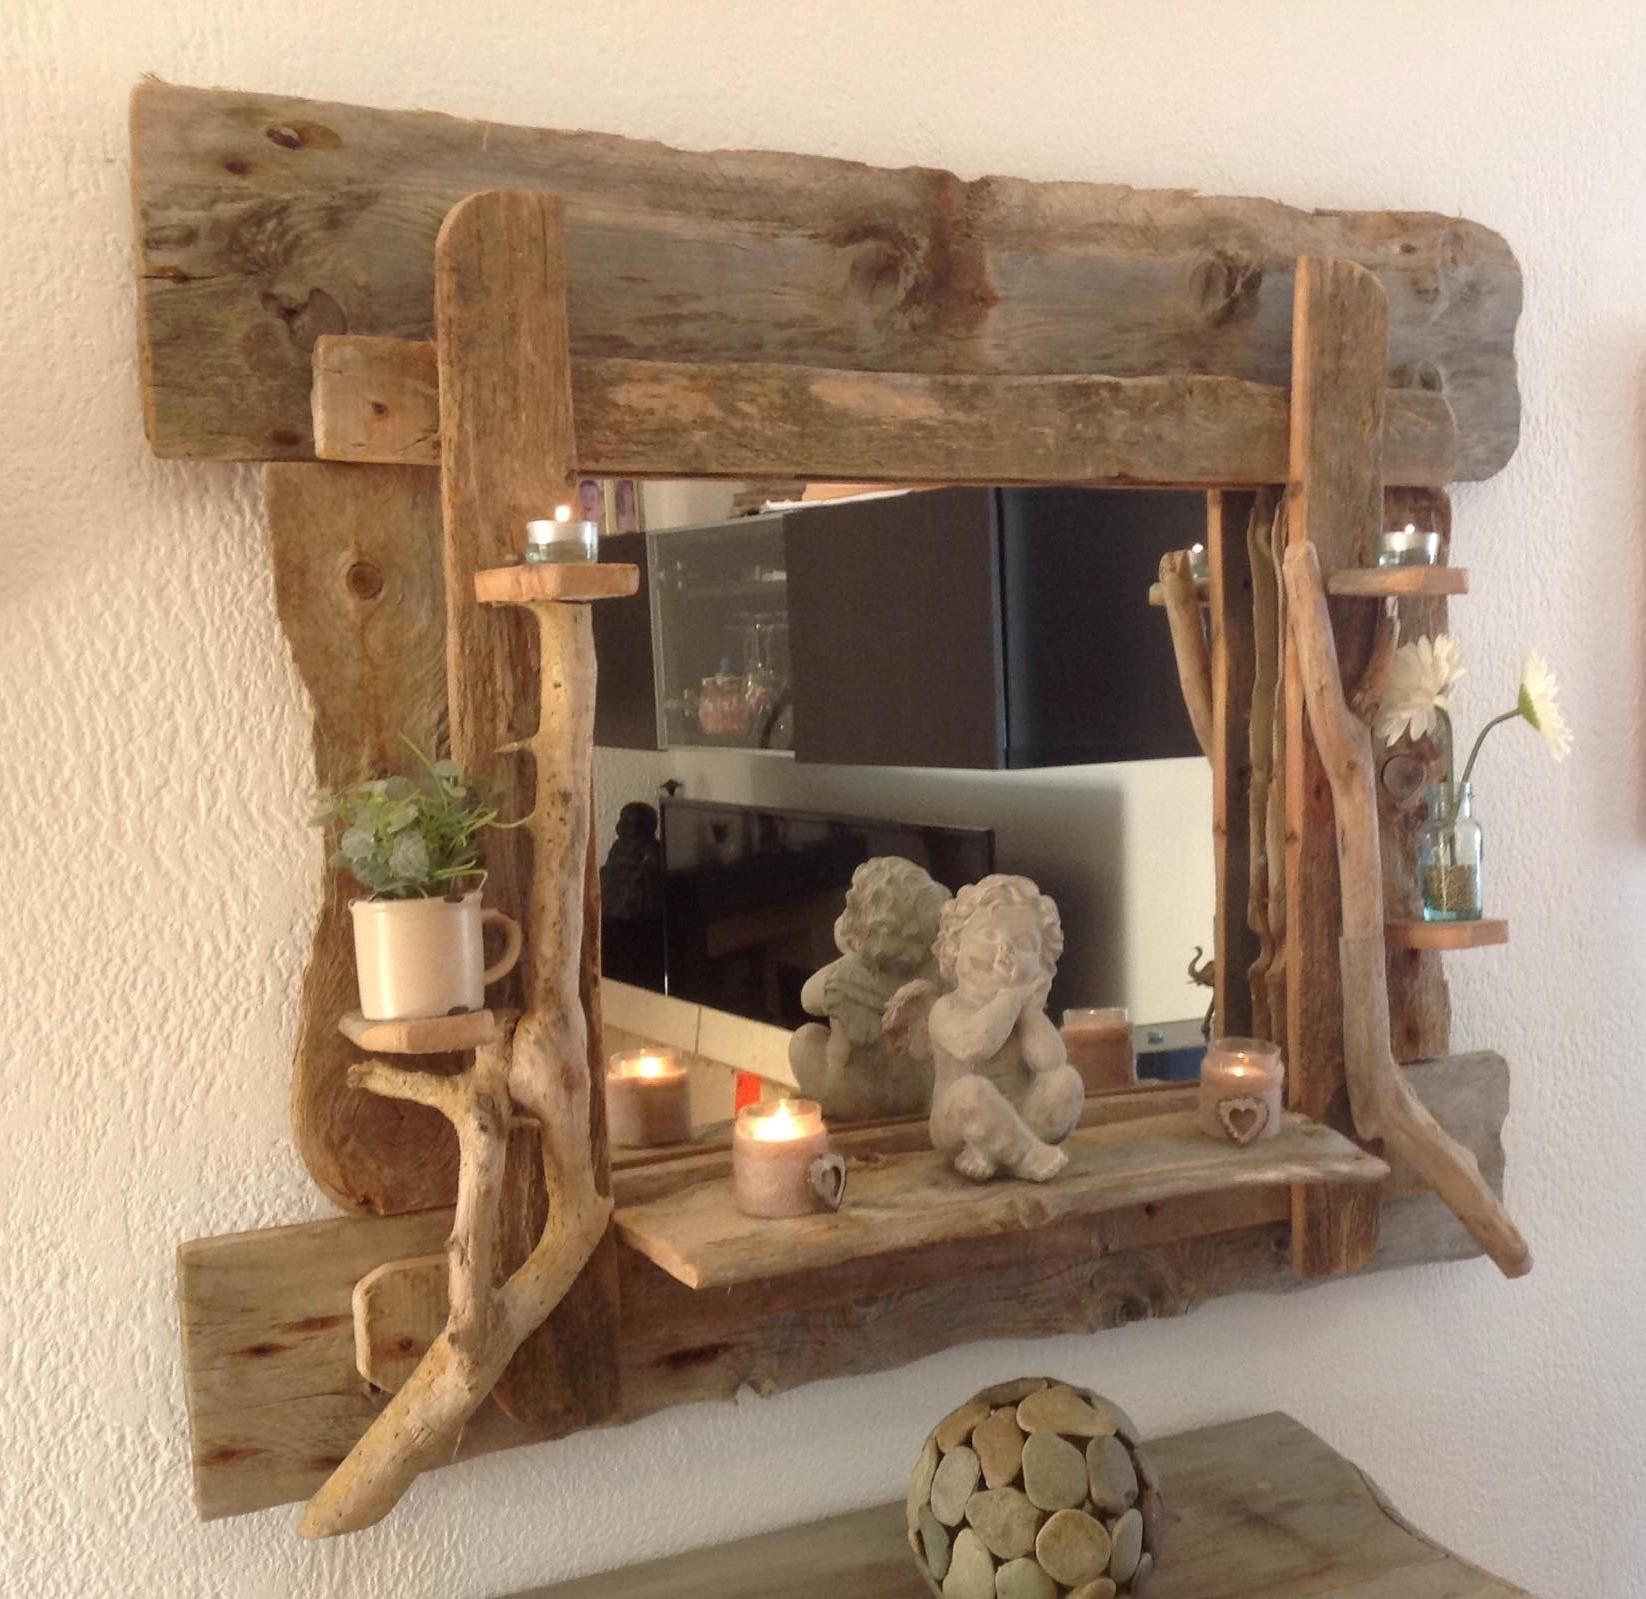 Grand Miroir en bois flotté - https://www.tethysart.com